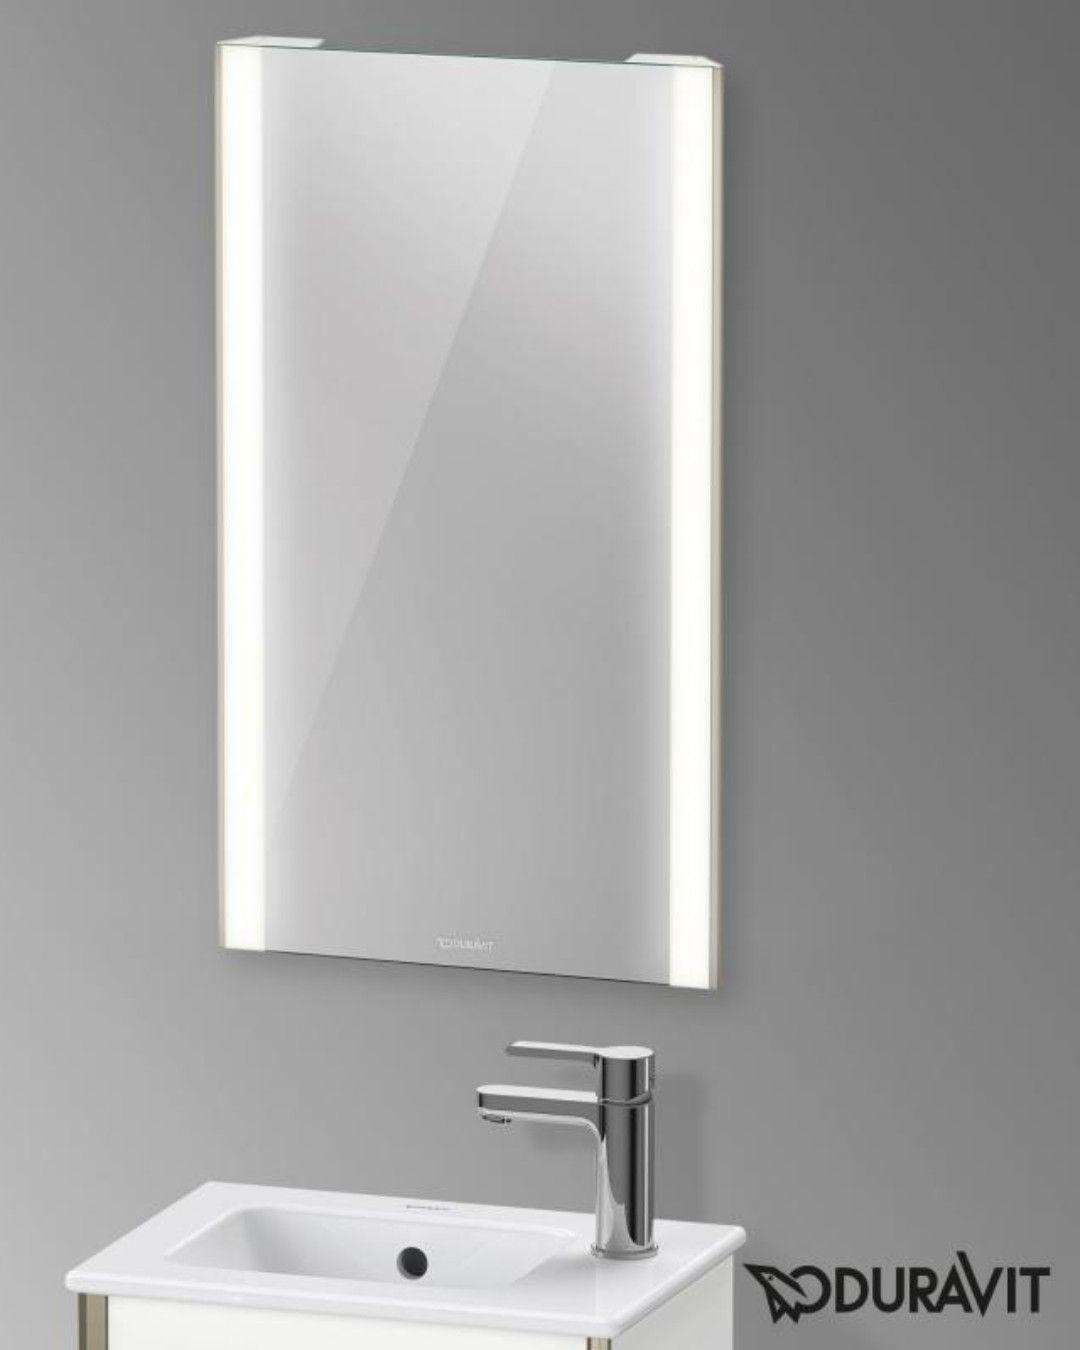 Duravit Xviu Spiegel Mit Led Beleuchtung Modernes Design Mit